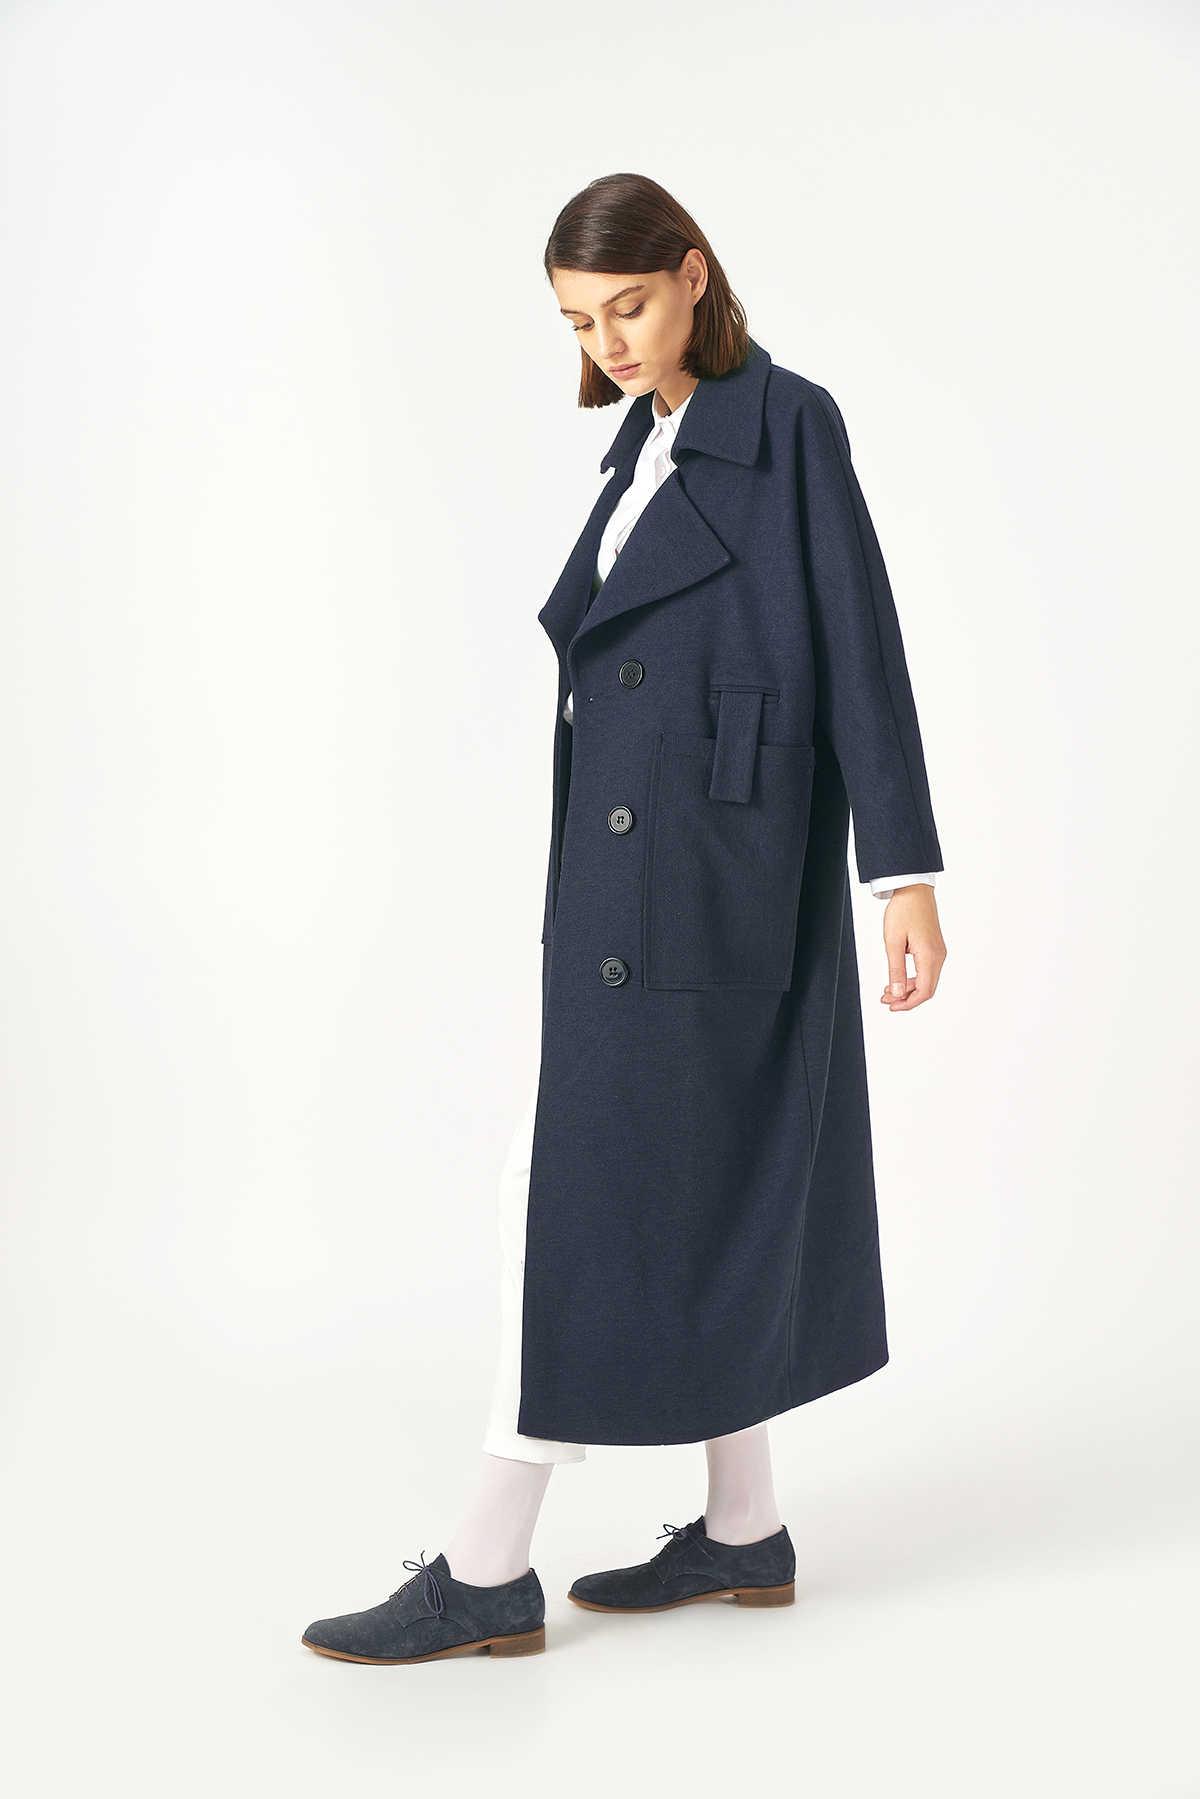 Kuaybe Gider - Kuaybe Gider Lacivert Kadın Palto 7101